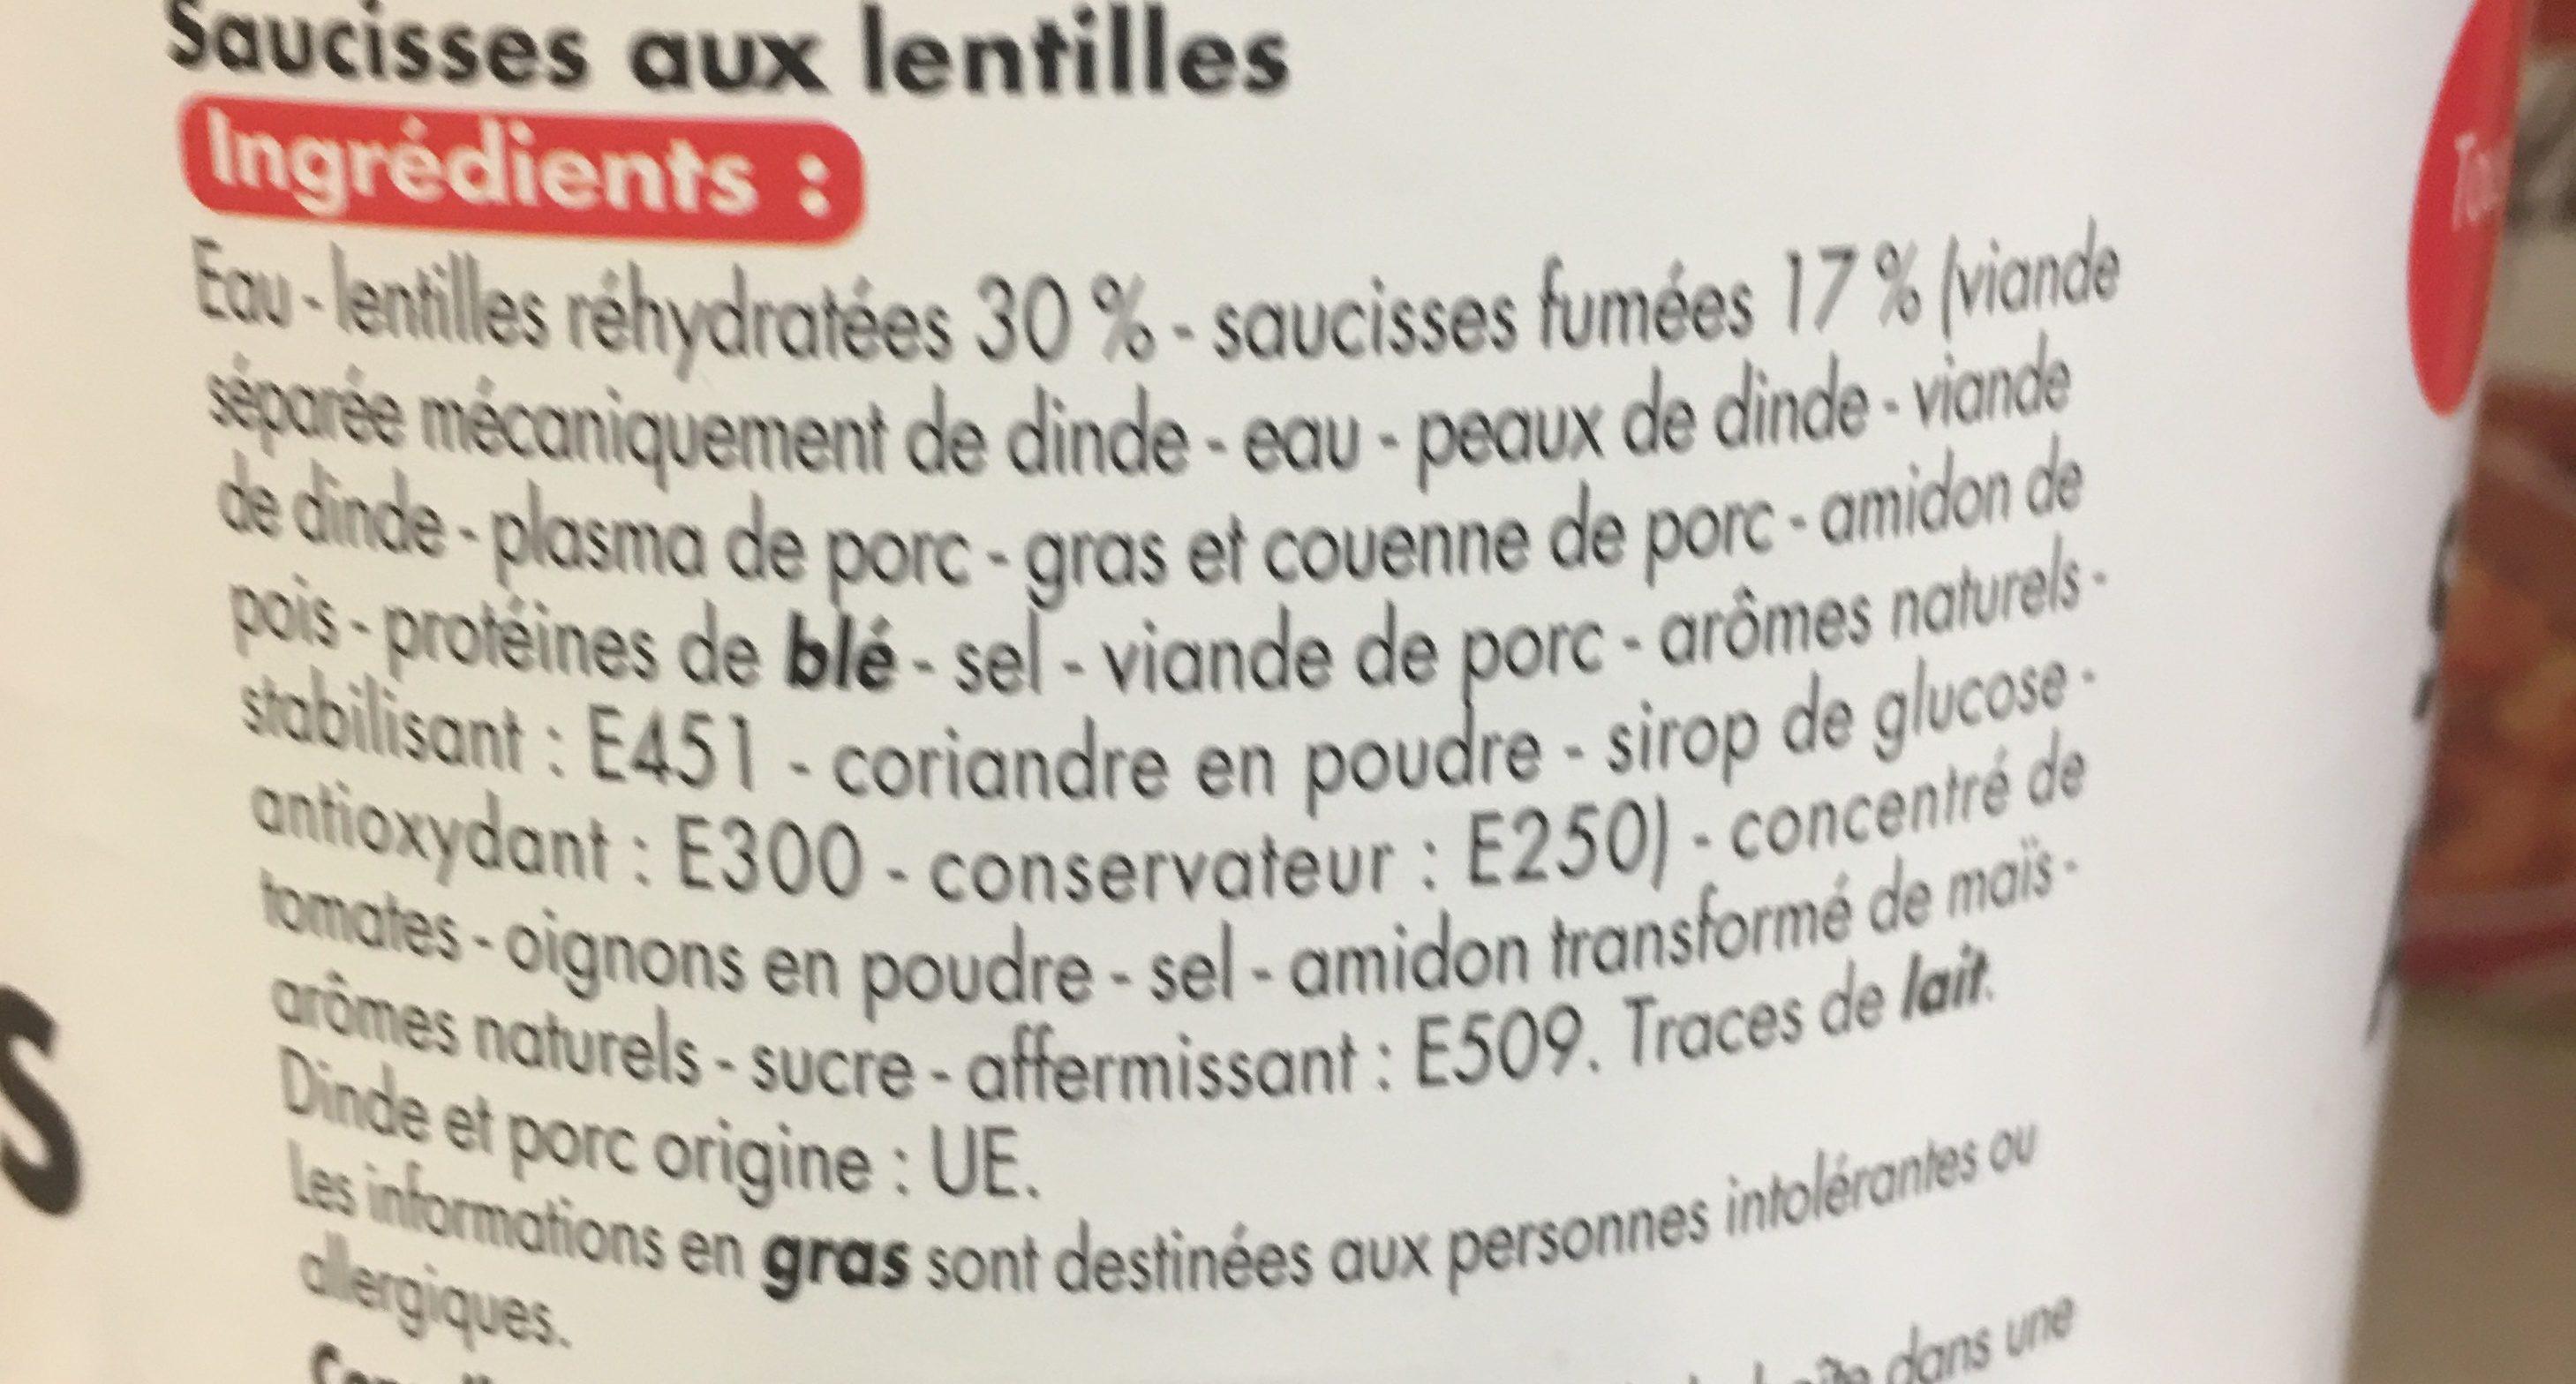 Saucisses aux lentilles - Ingredients